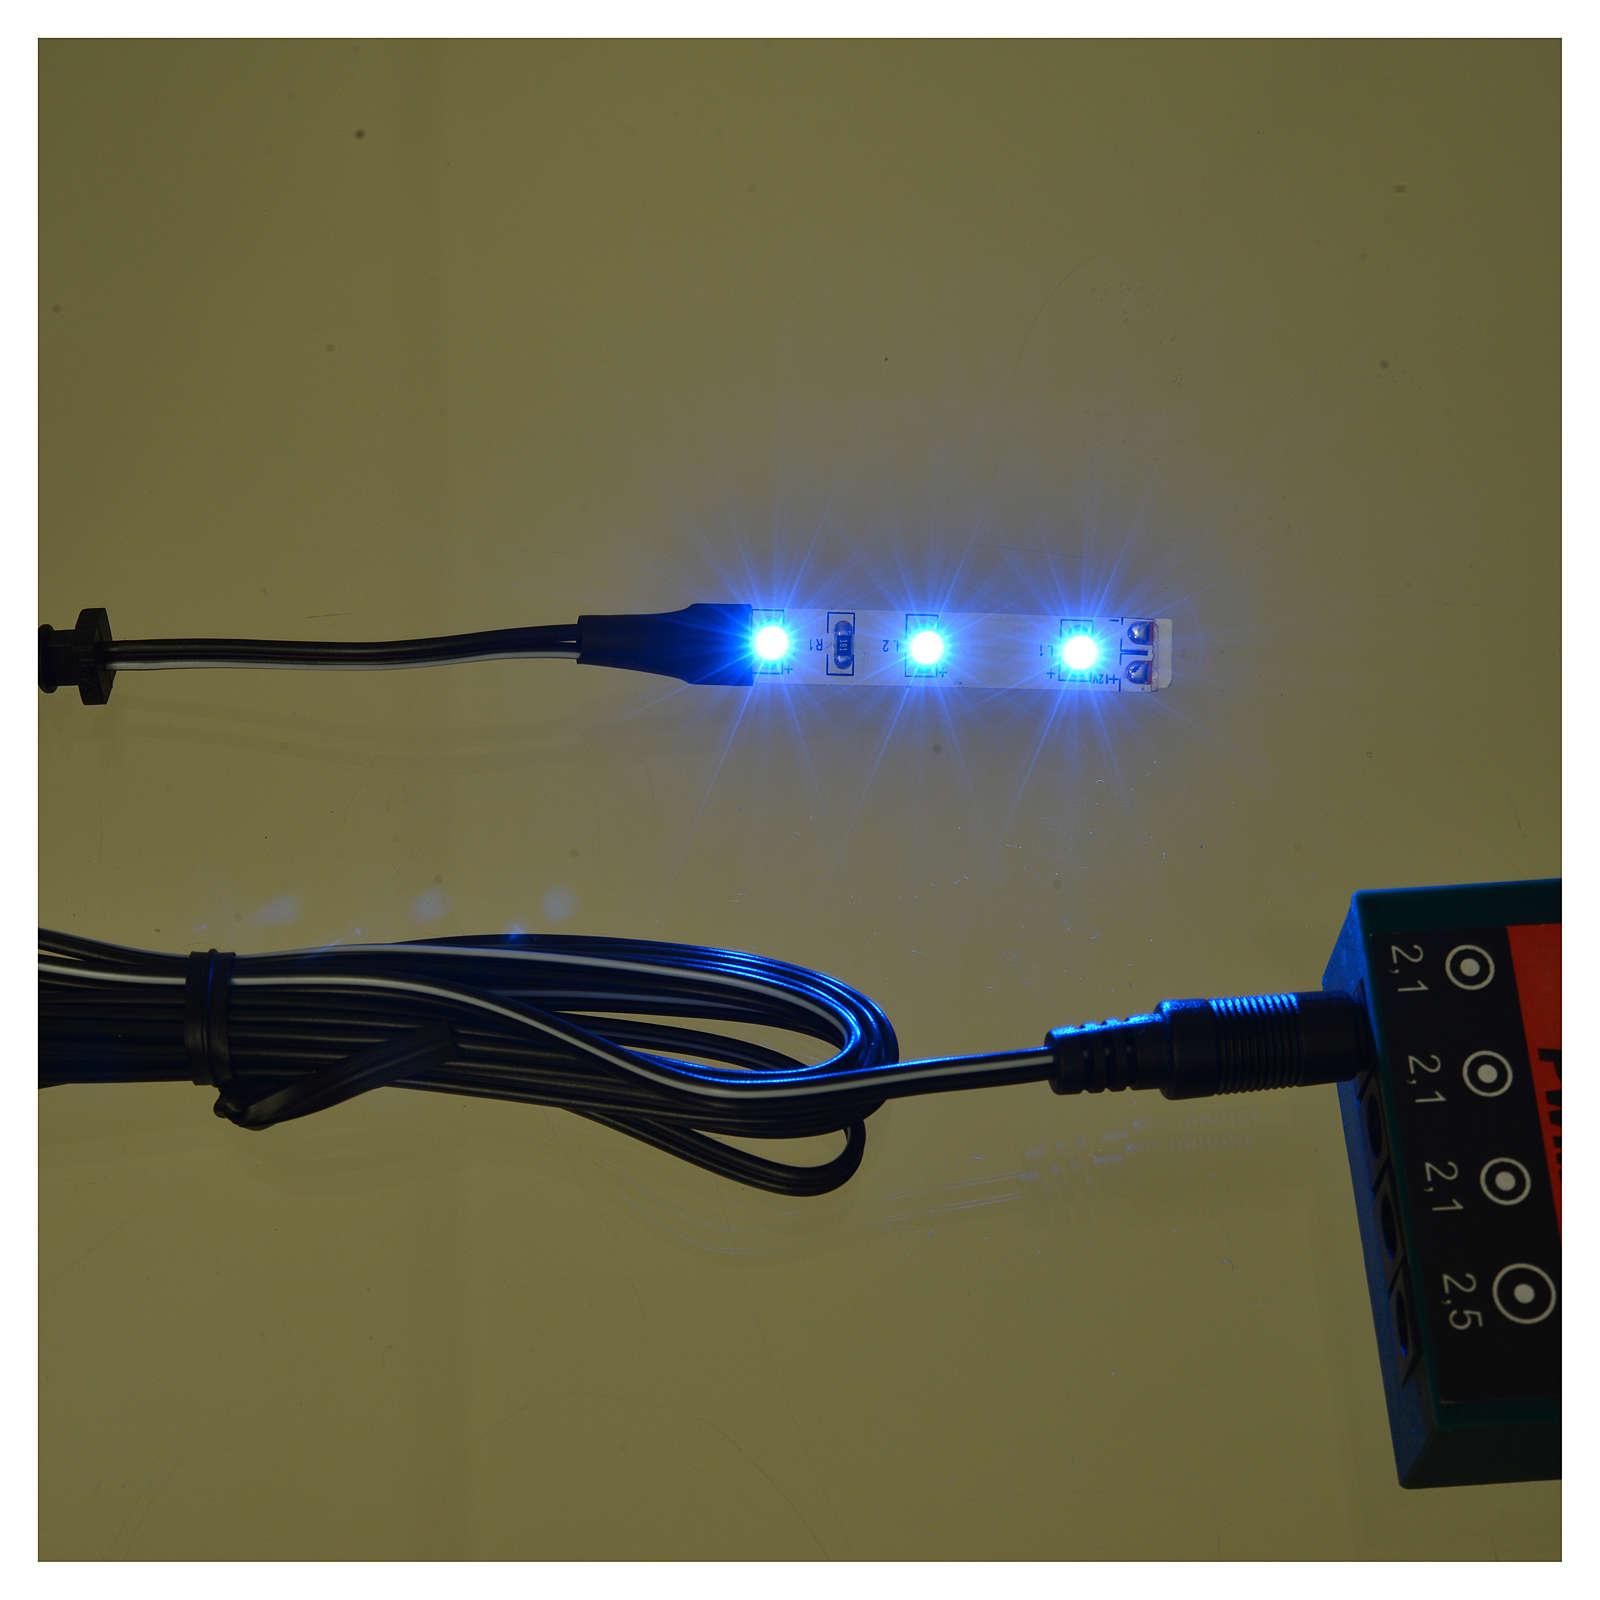 82d10b62308e5c Paski 3 led 0,8x4 cm niebieski do Frisalight | sprzedaż online na ...